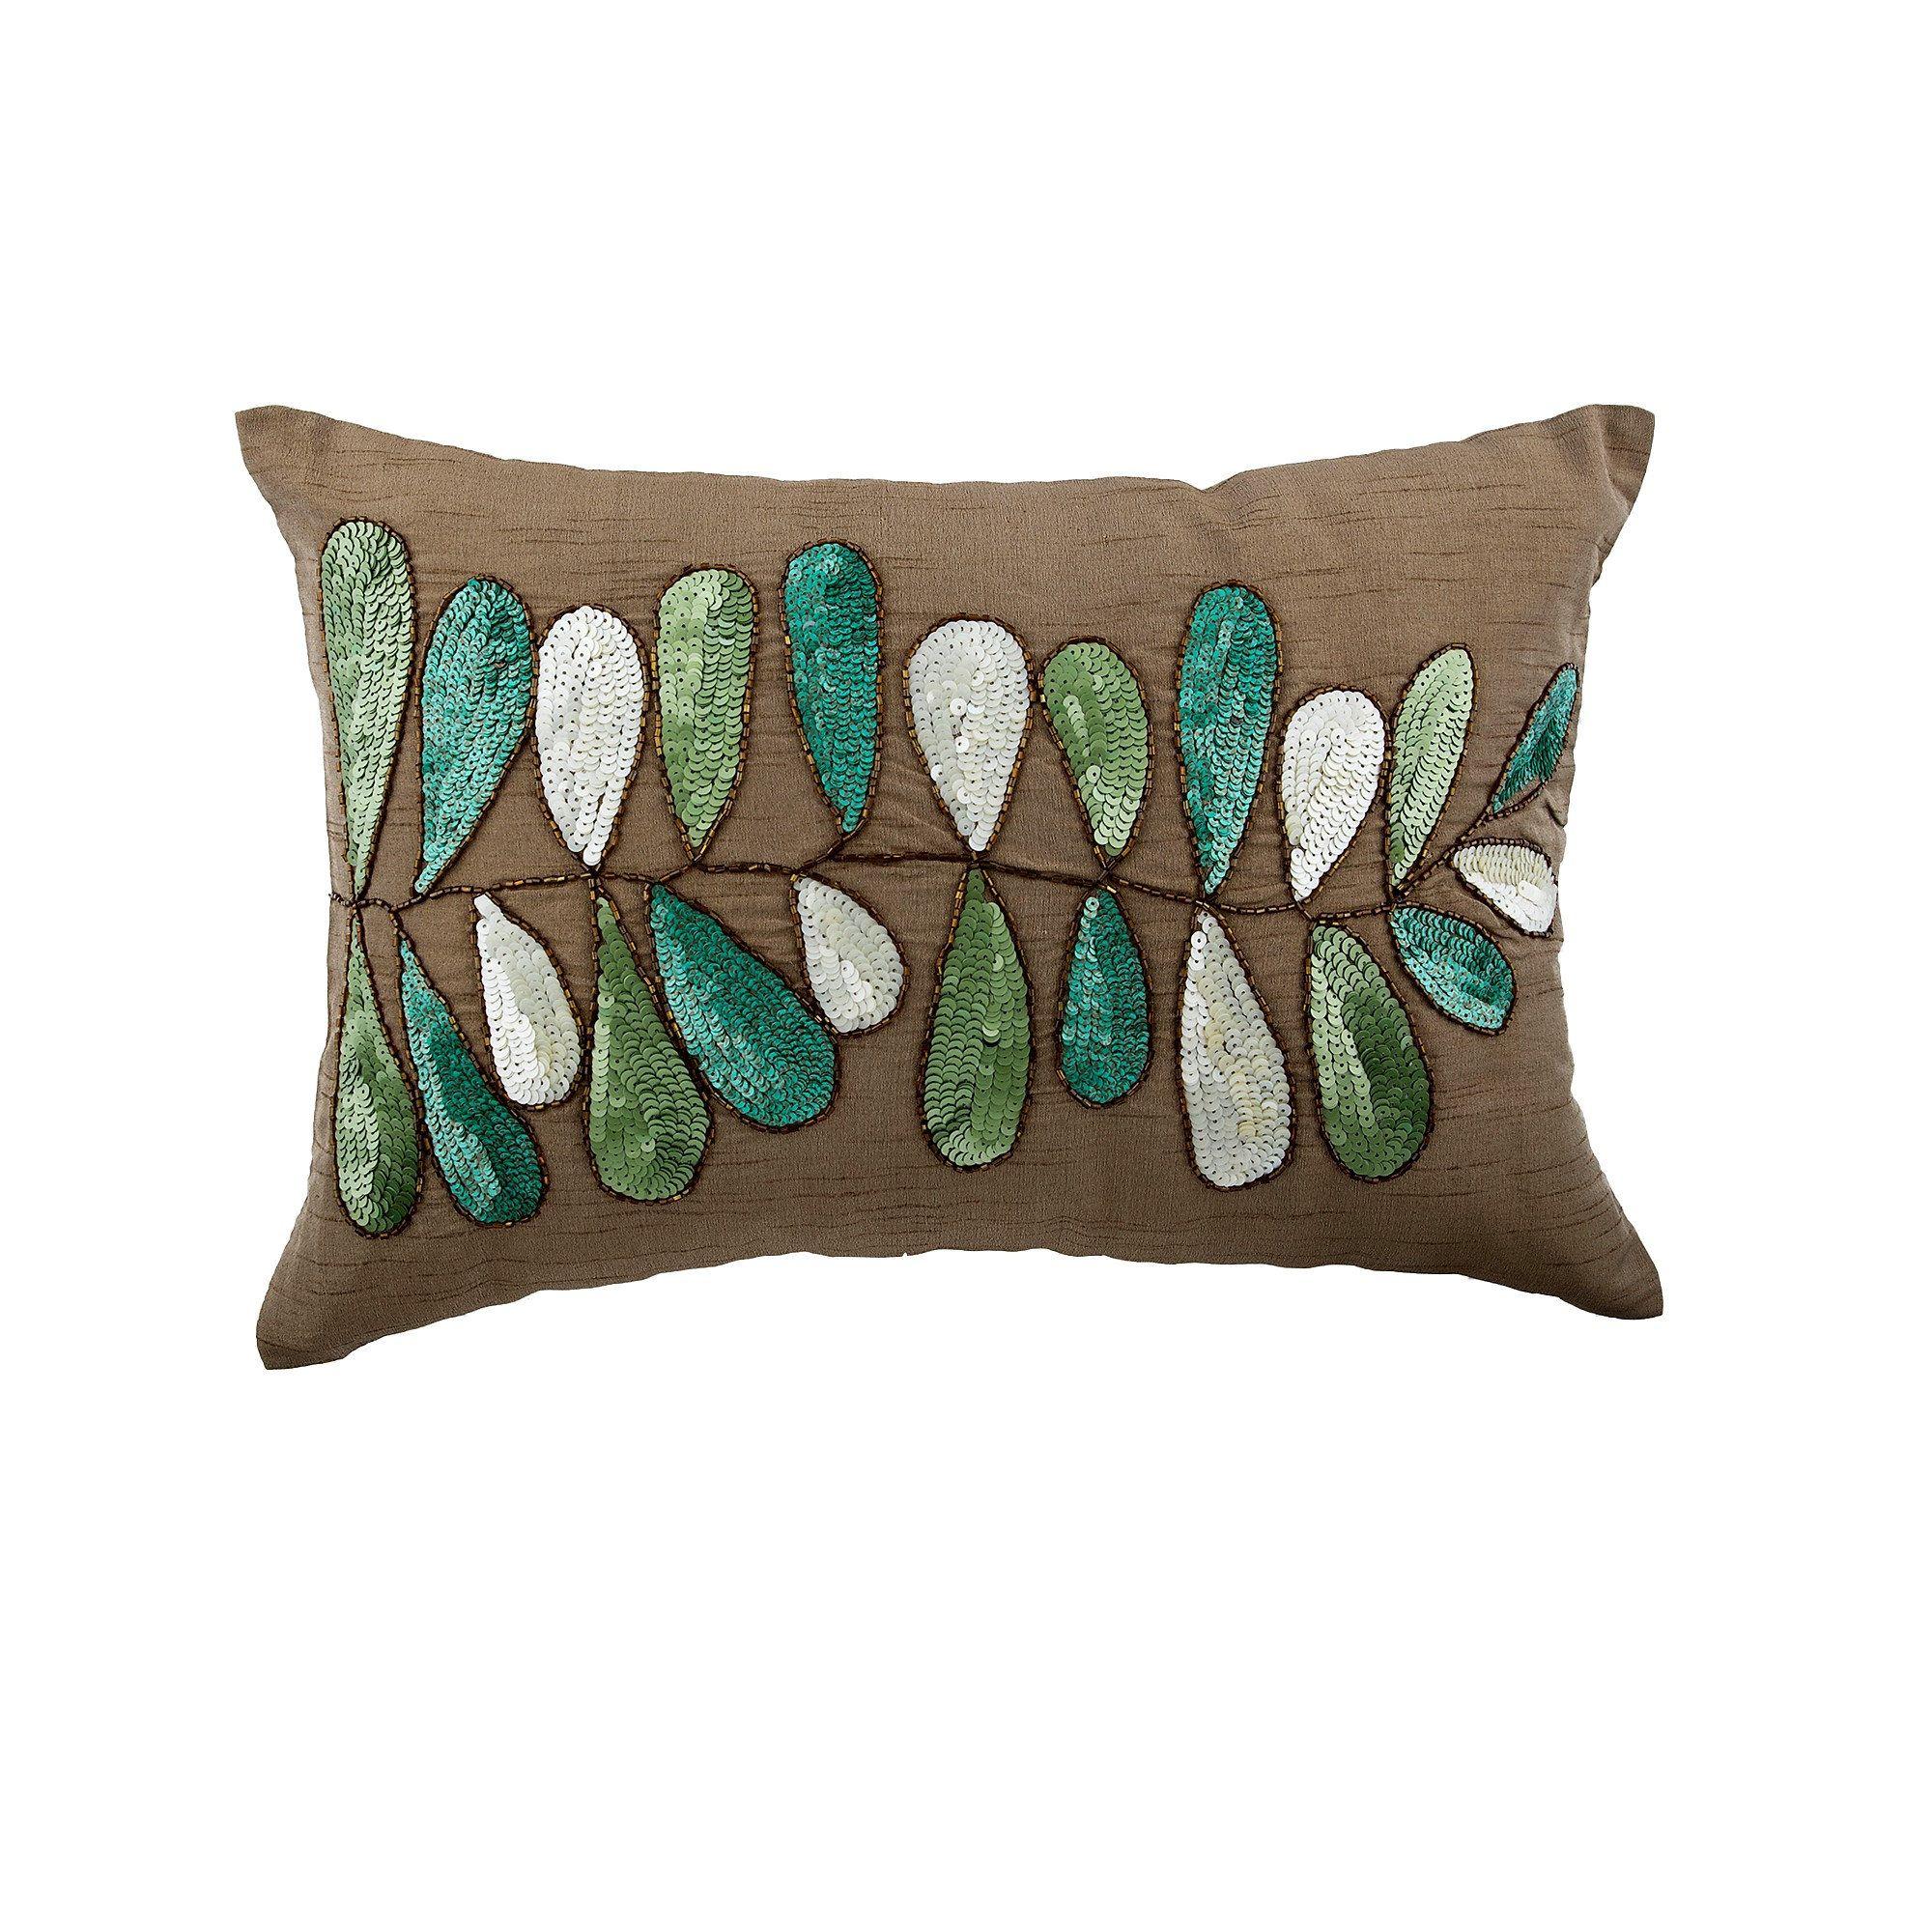 Decorative Oblong Lumbar Throw Pillow Covers Accent Pillows Etsy Lumbar Throw Pillow Throw Pillows Silk Pillow Cover